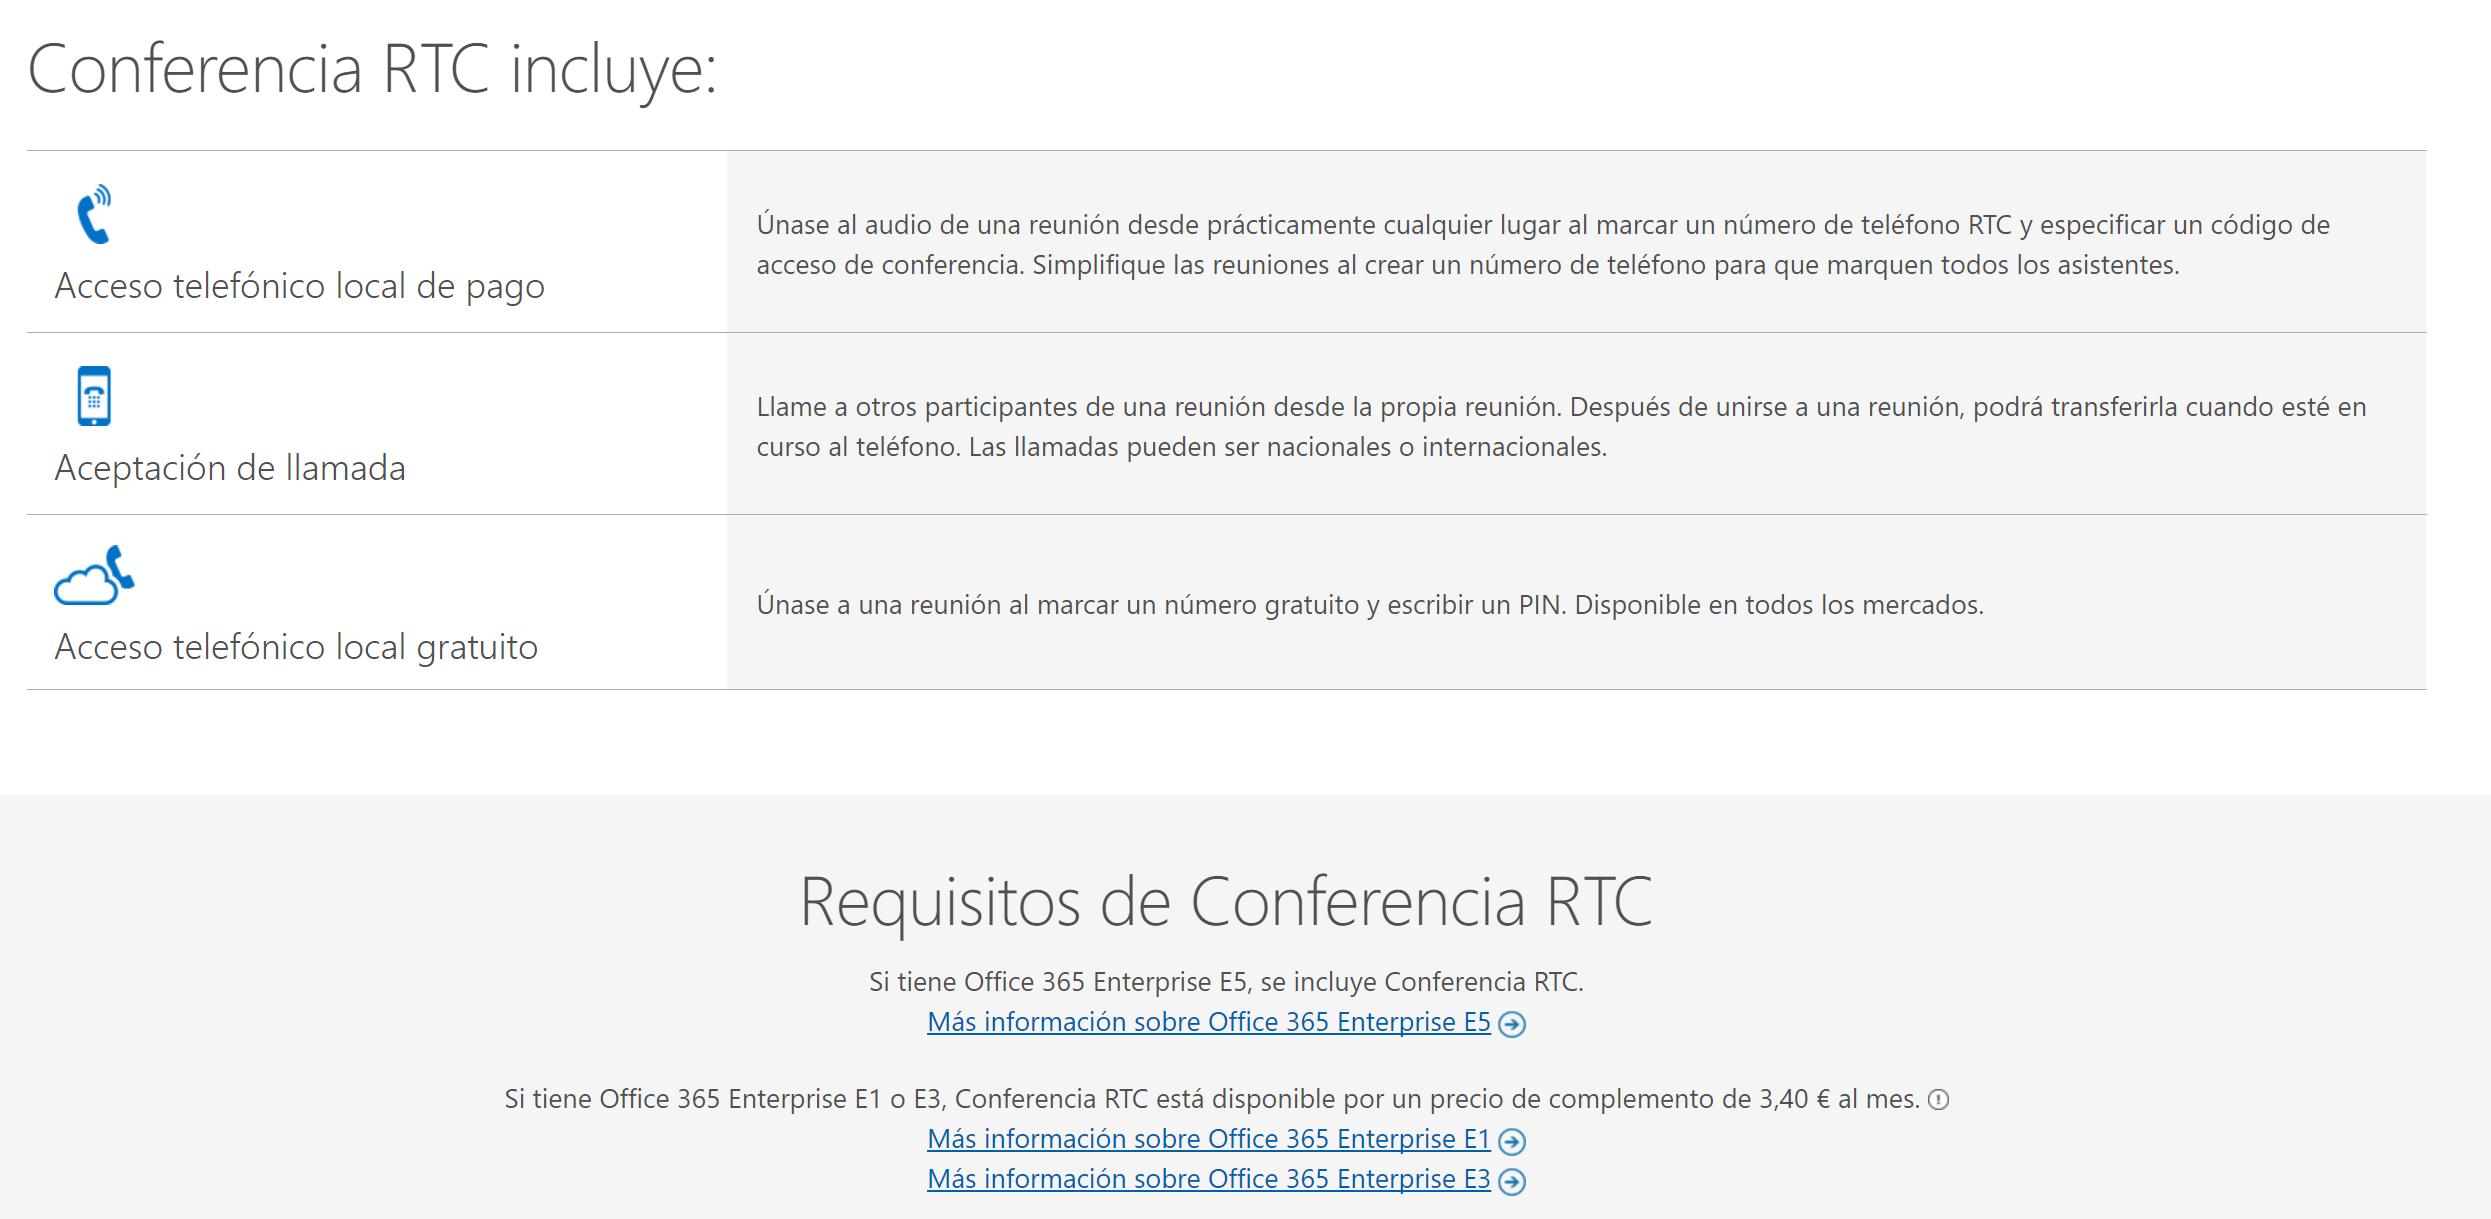 Cloud_PBX_SkypefB_Precio_Planes_Llamadas_Conferencias_RTC